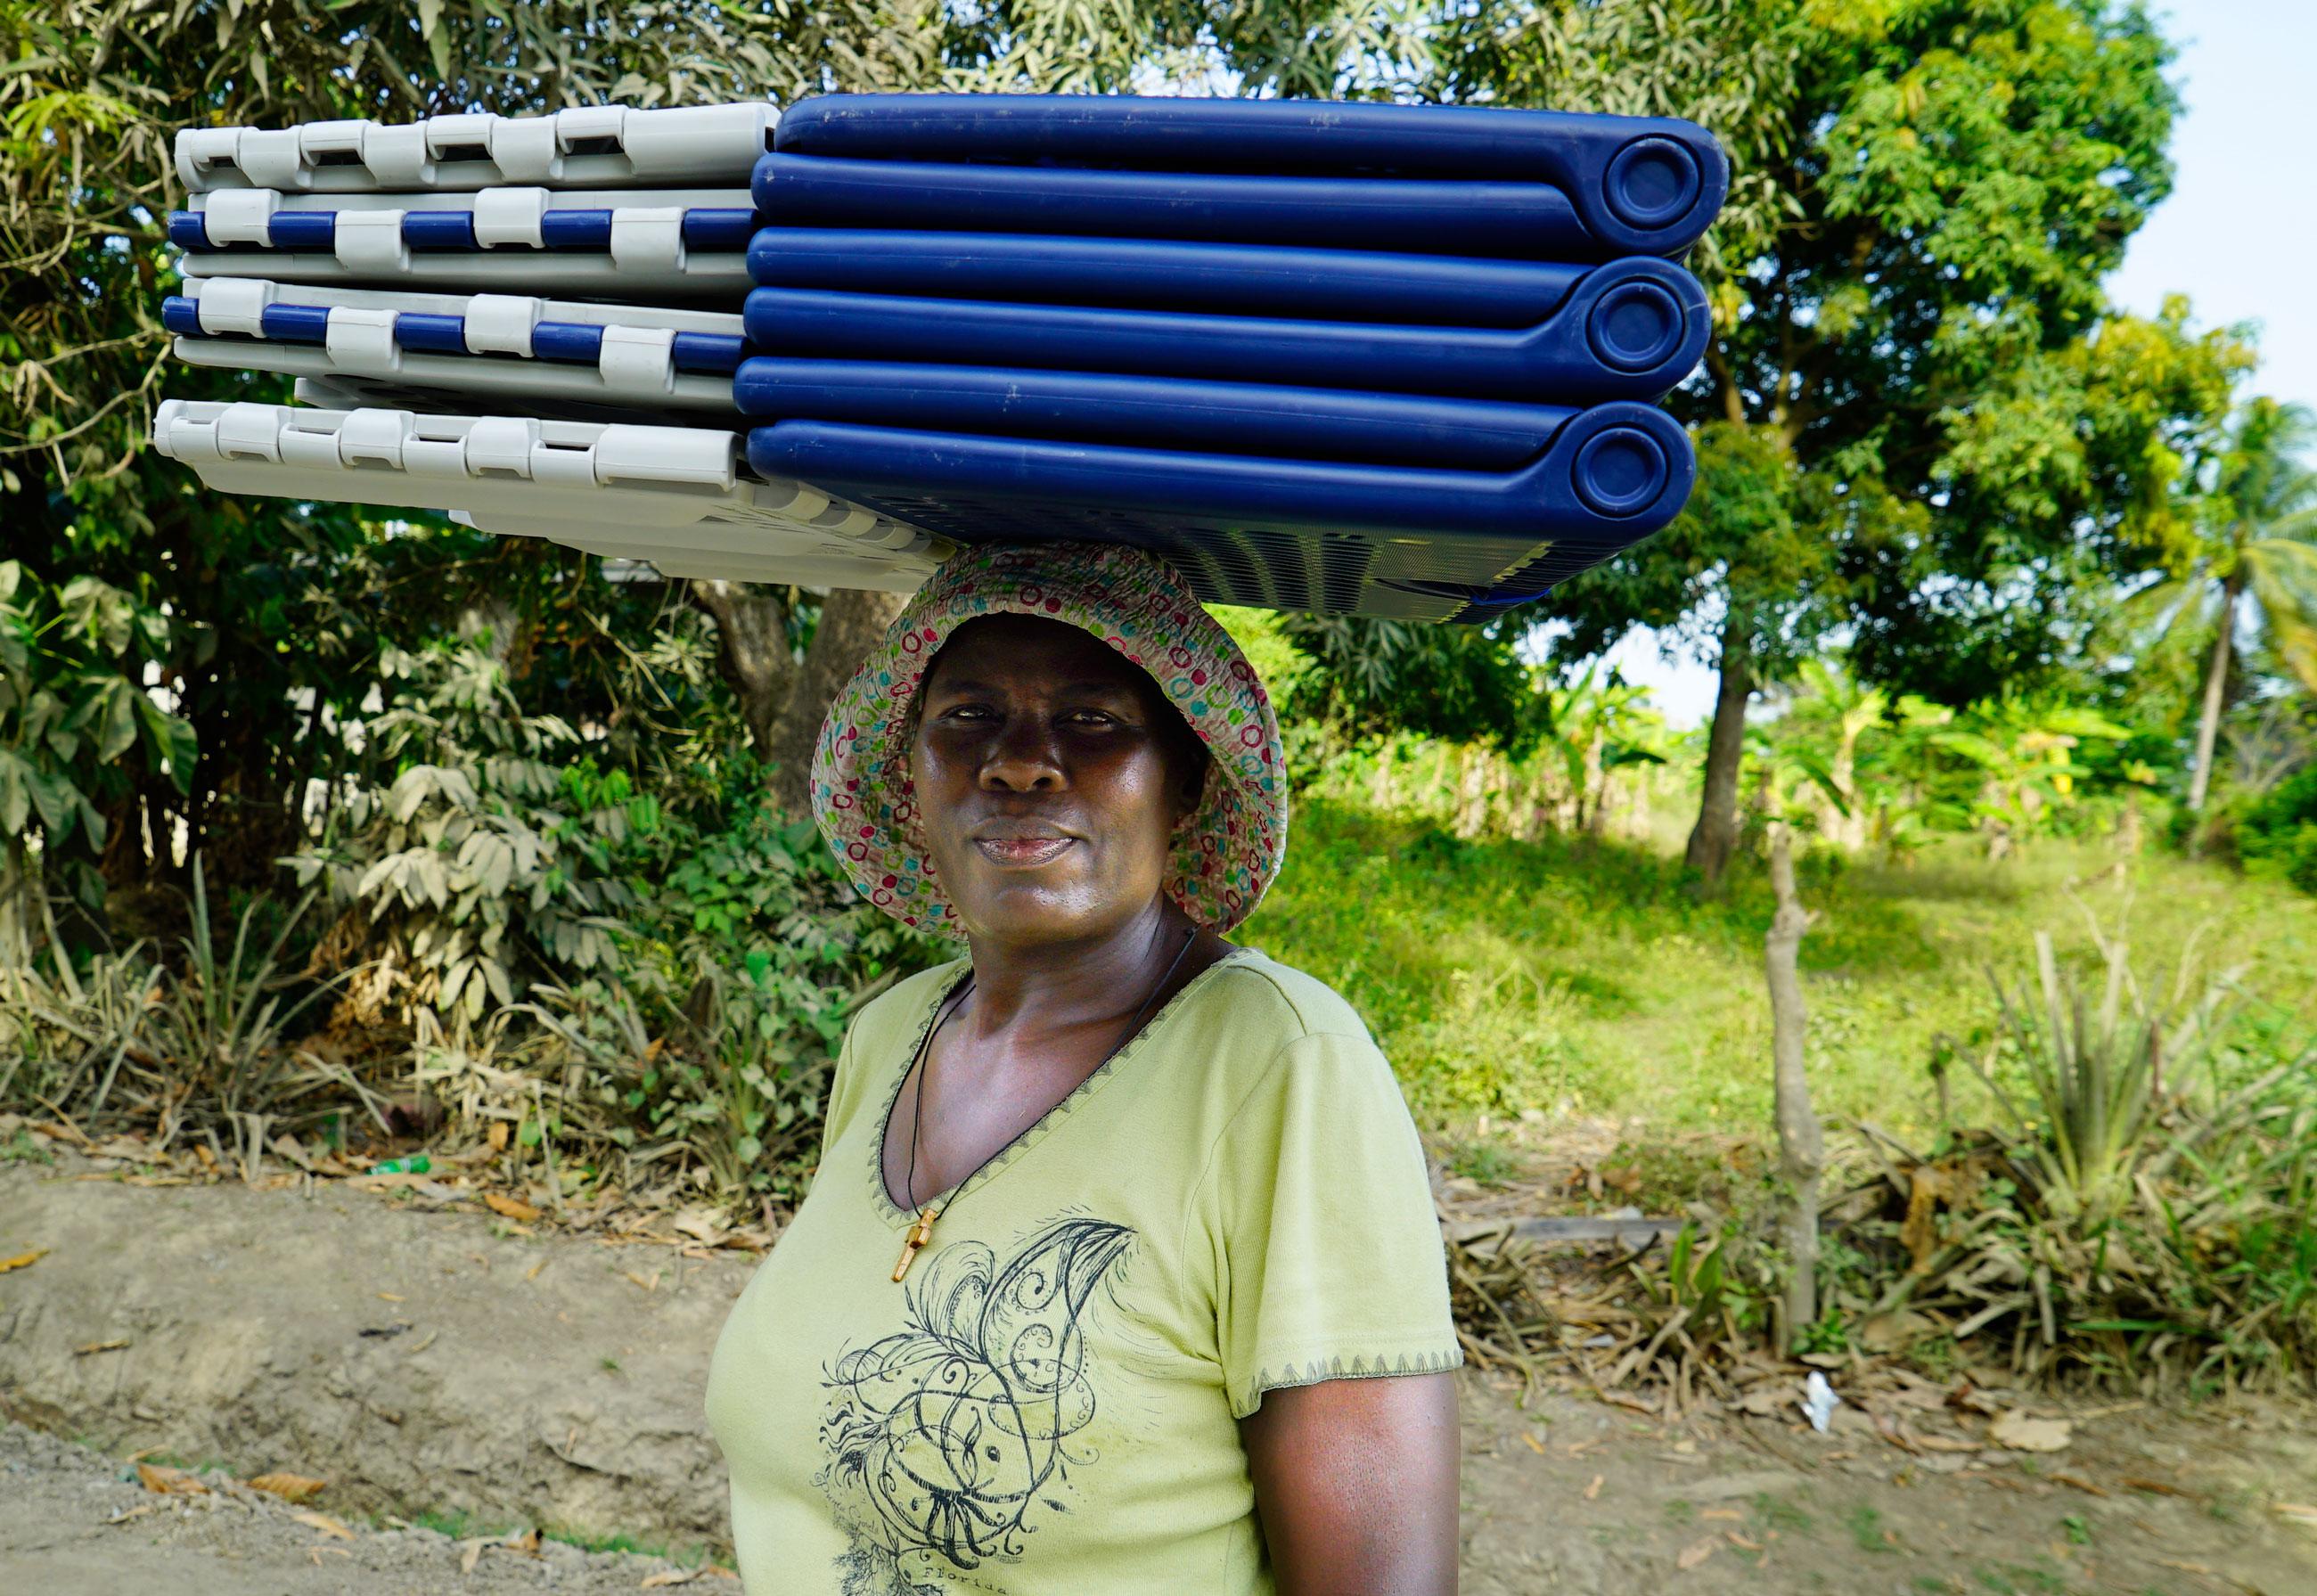 Haiti Rises Early